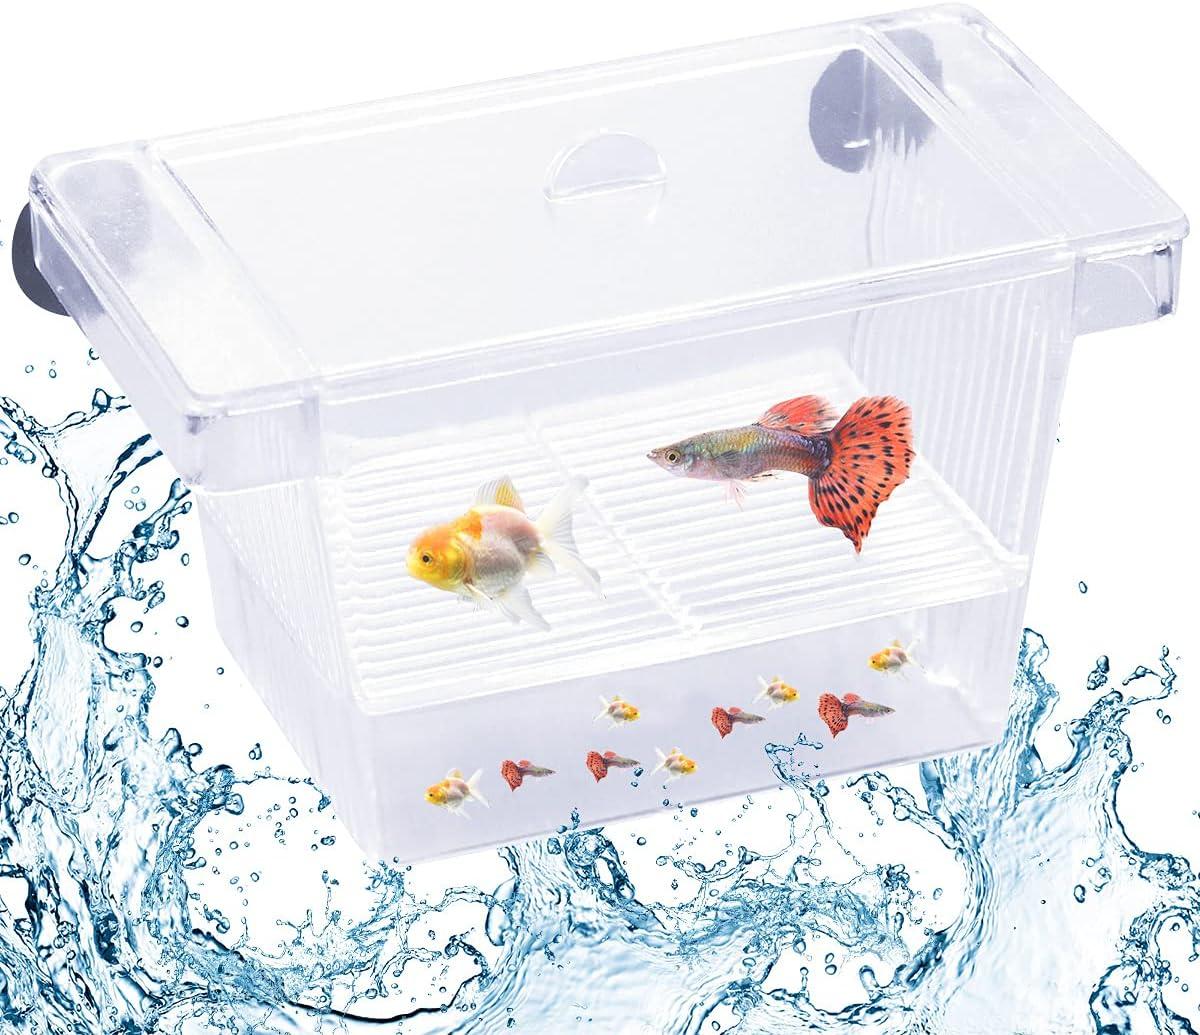 smatime Scatola di Isolamento, Aquarium Box, Trasparente Acquario Plastica Piccolo per Allevatore di Pesci Scatola Incubatrice per Allevamento Multifunzionale con Ventose